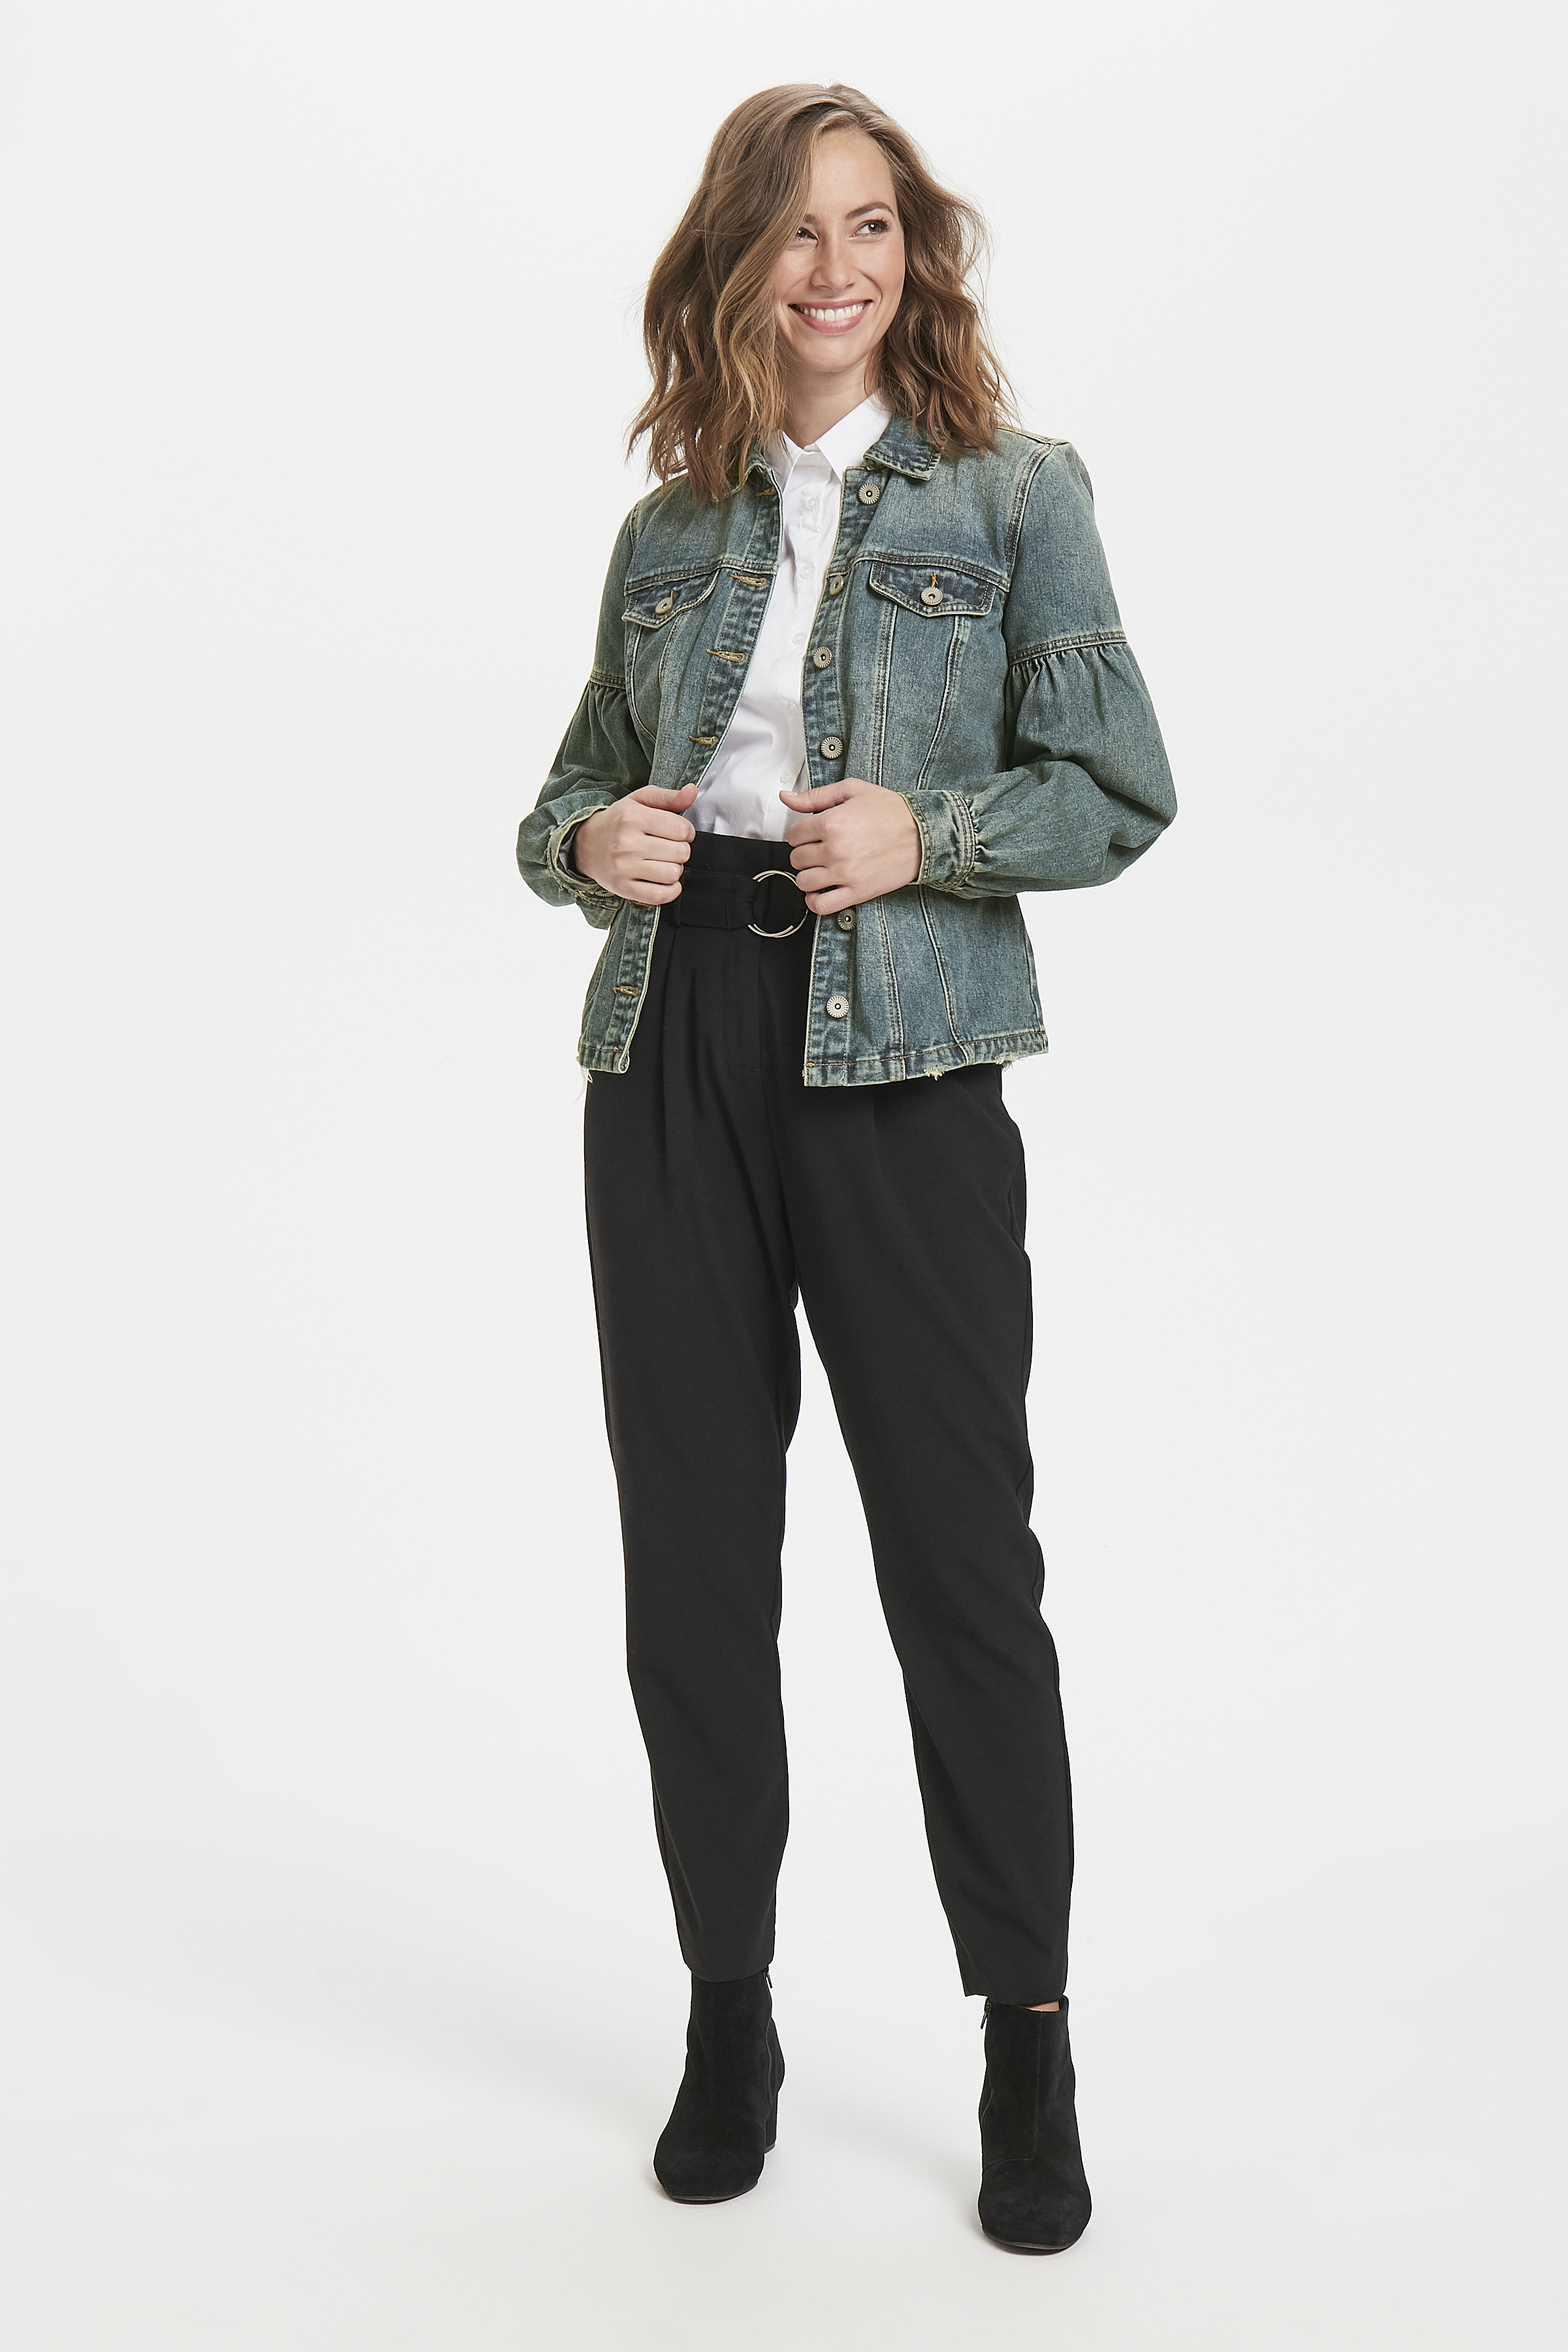 Denimblå Jeansjacka från Cream – Köp Denimblå Jeansjacka från stl. 34-46 här